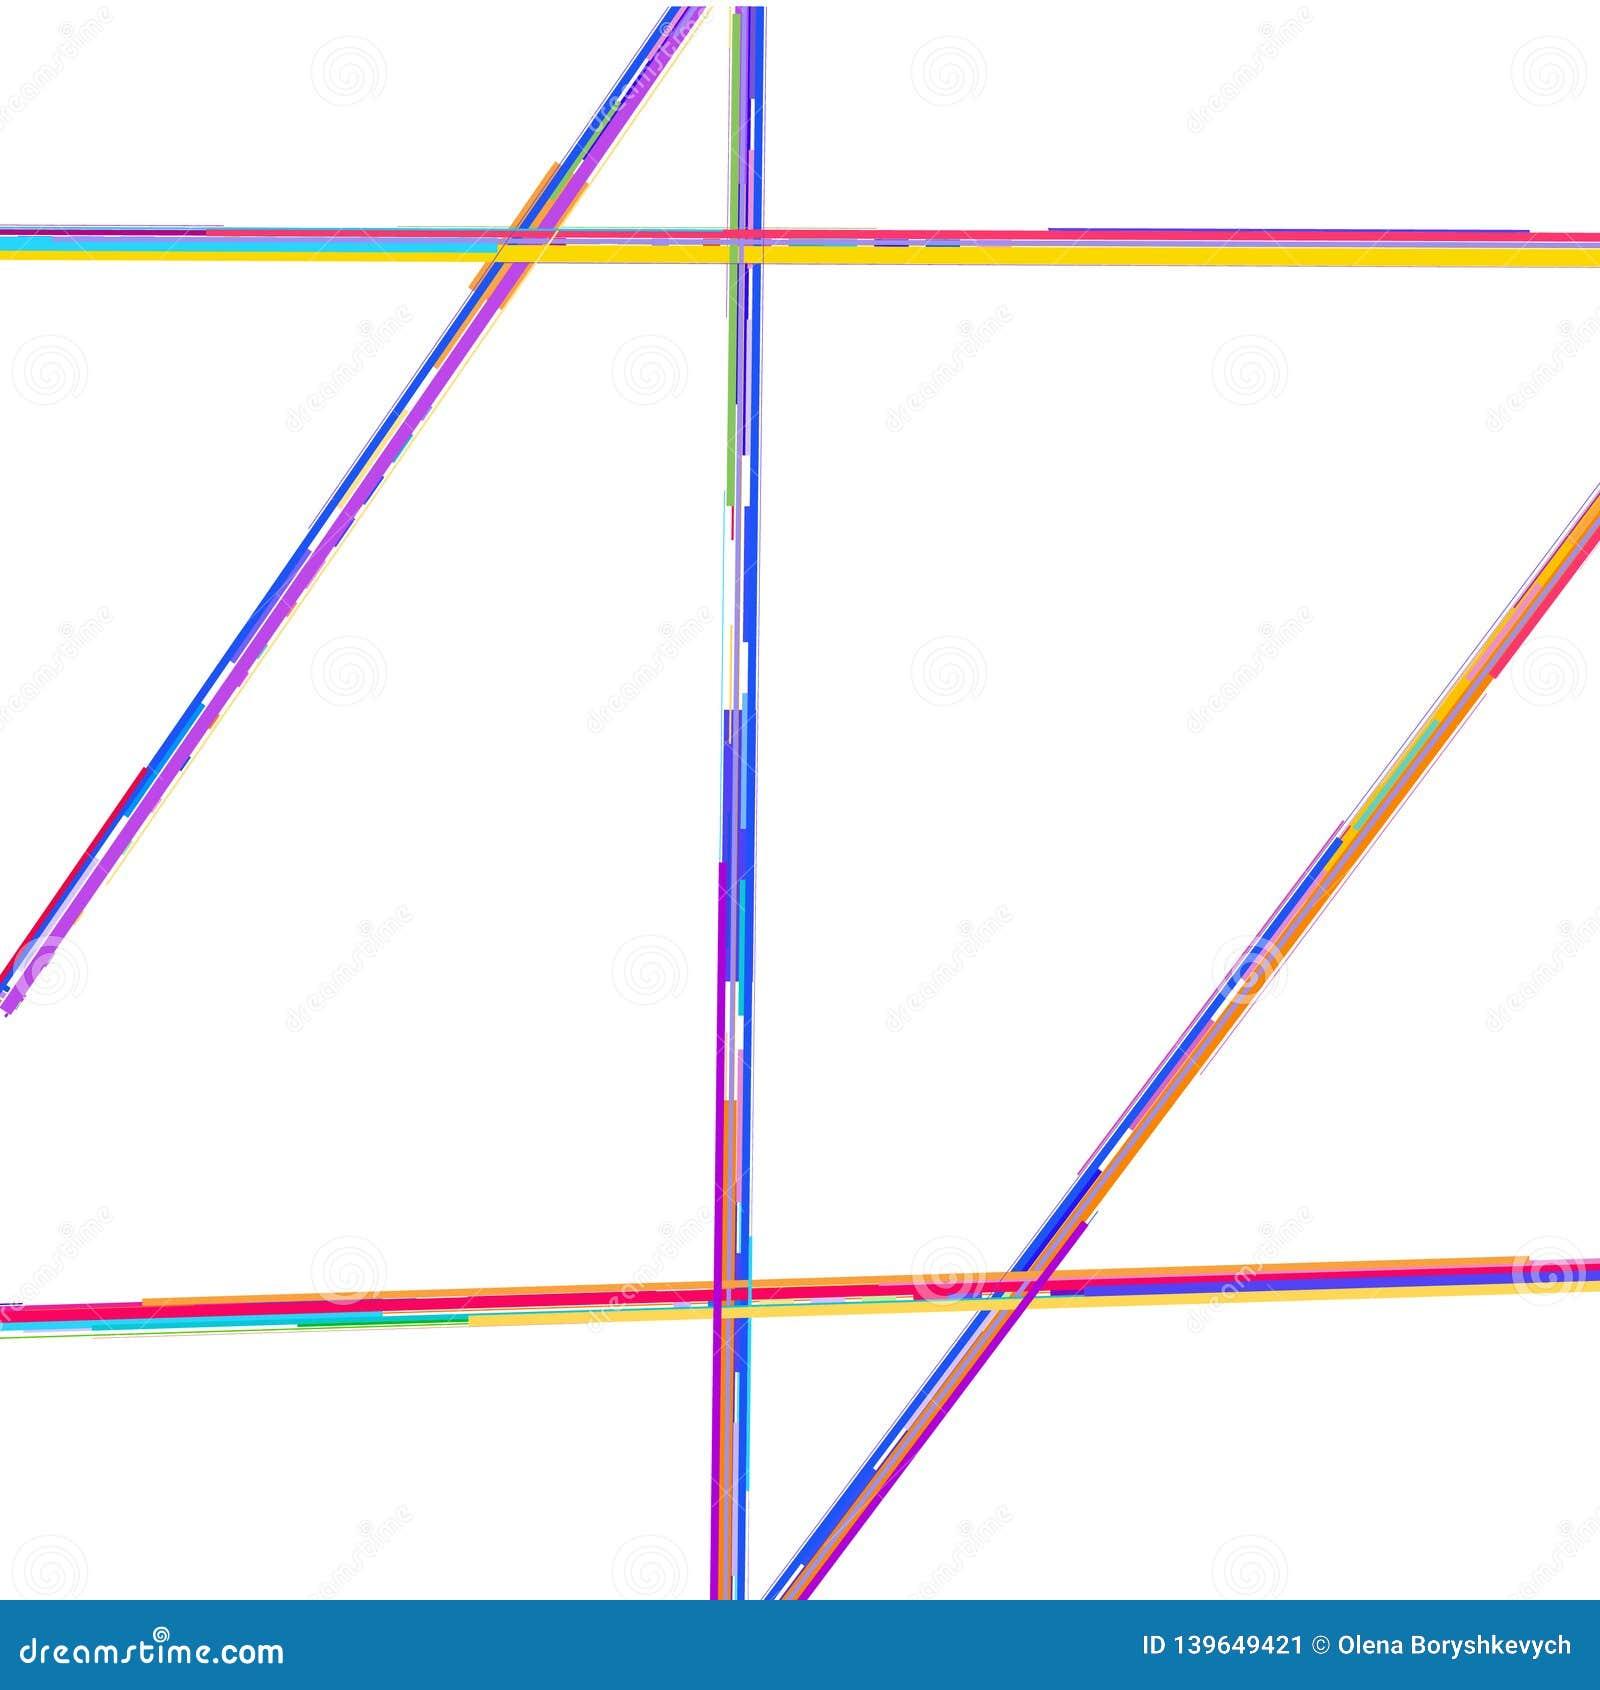 Die farbigen unterbrochenen Linien